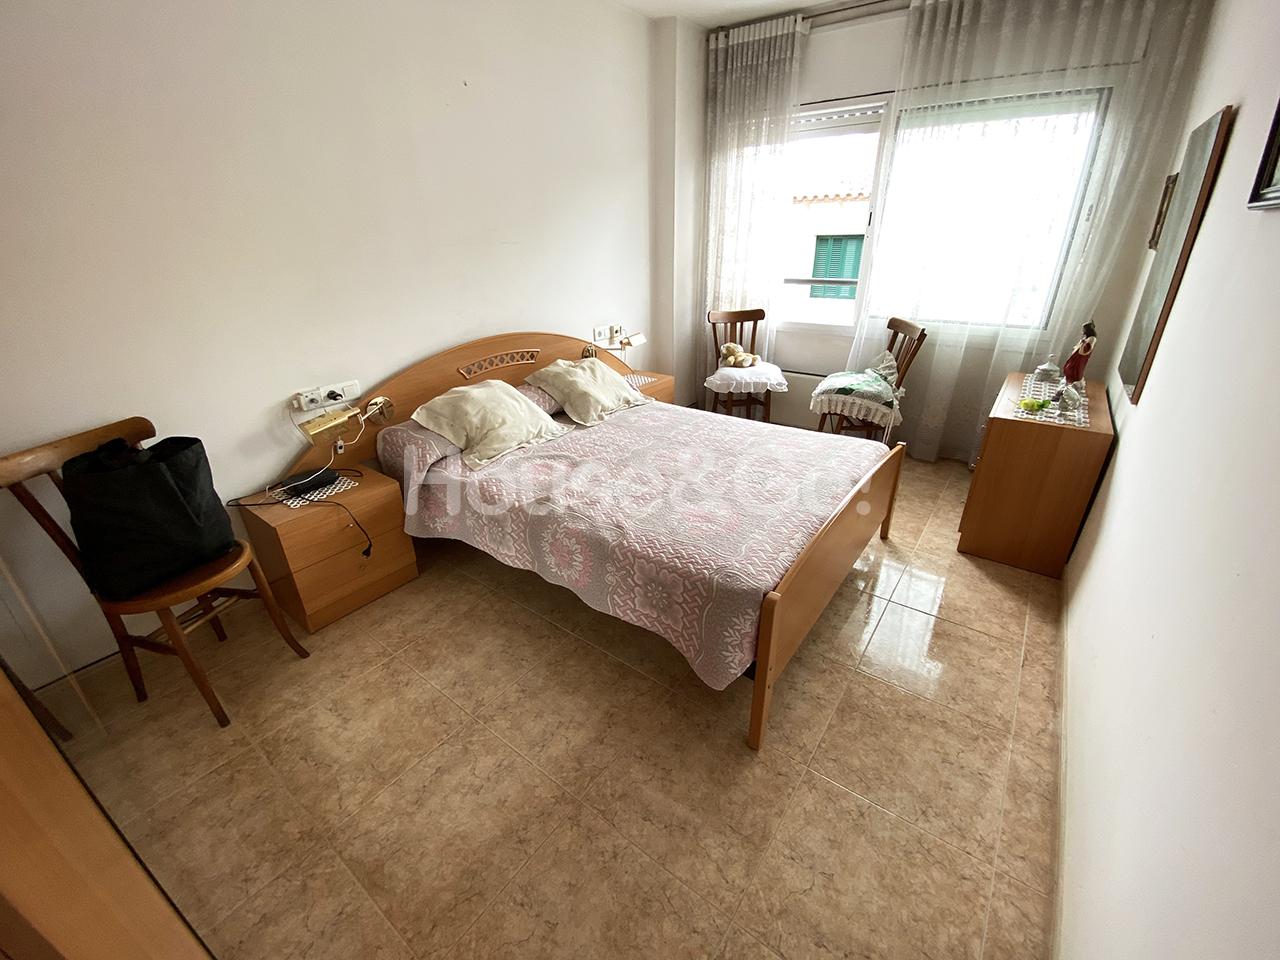 Piso  Malgrat centro / ffcc. Piso de 2 dormitorios en el centro!!!